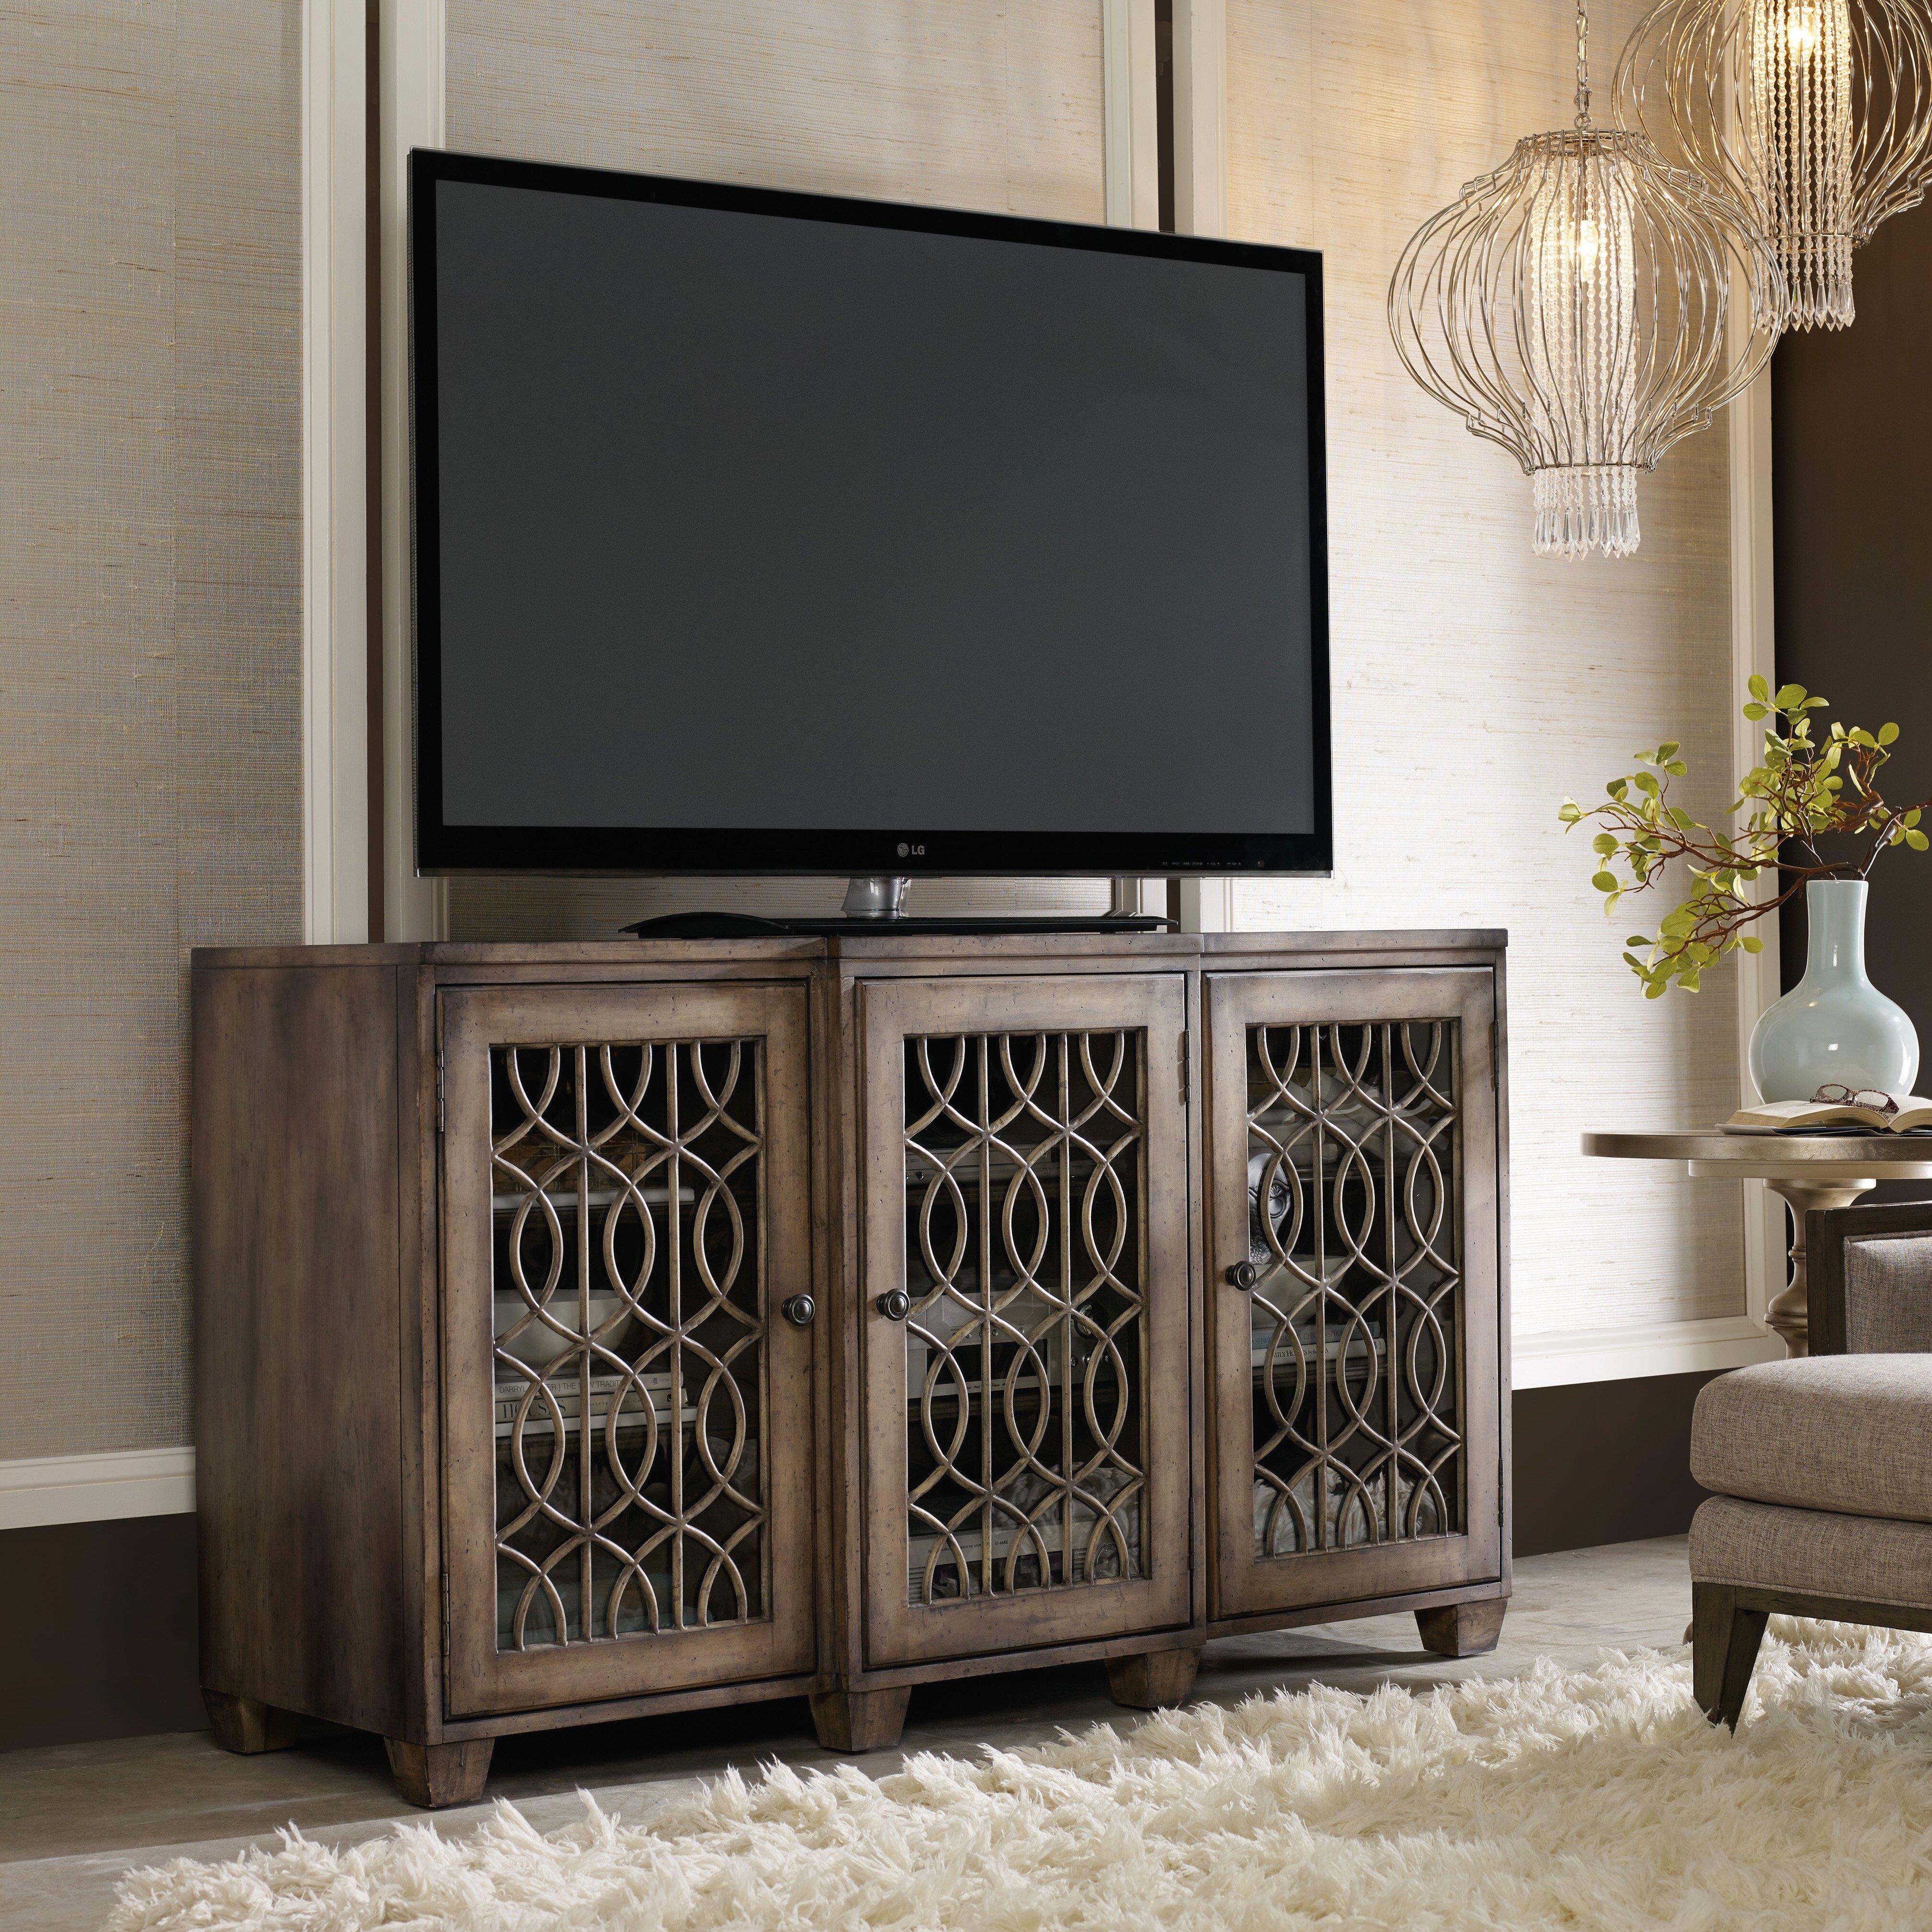 Hooker Furniture Tv Stand Reviews Wayfair